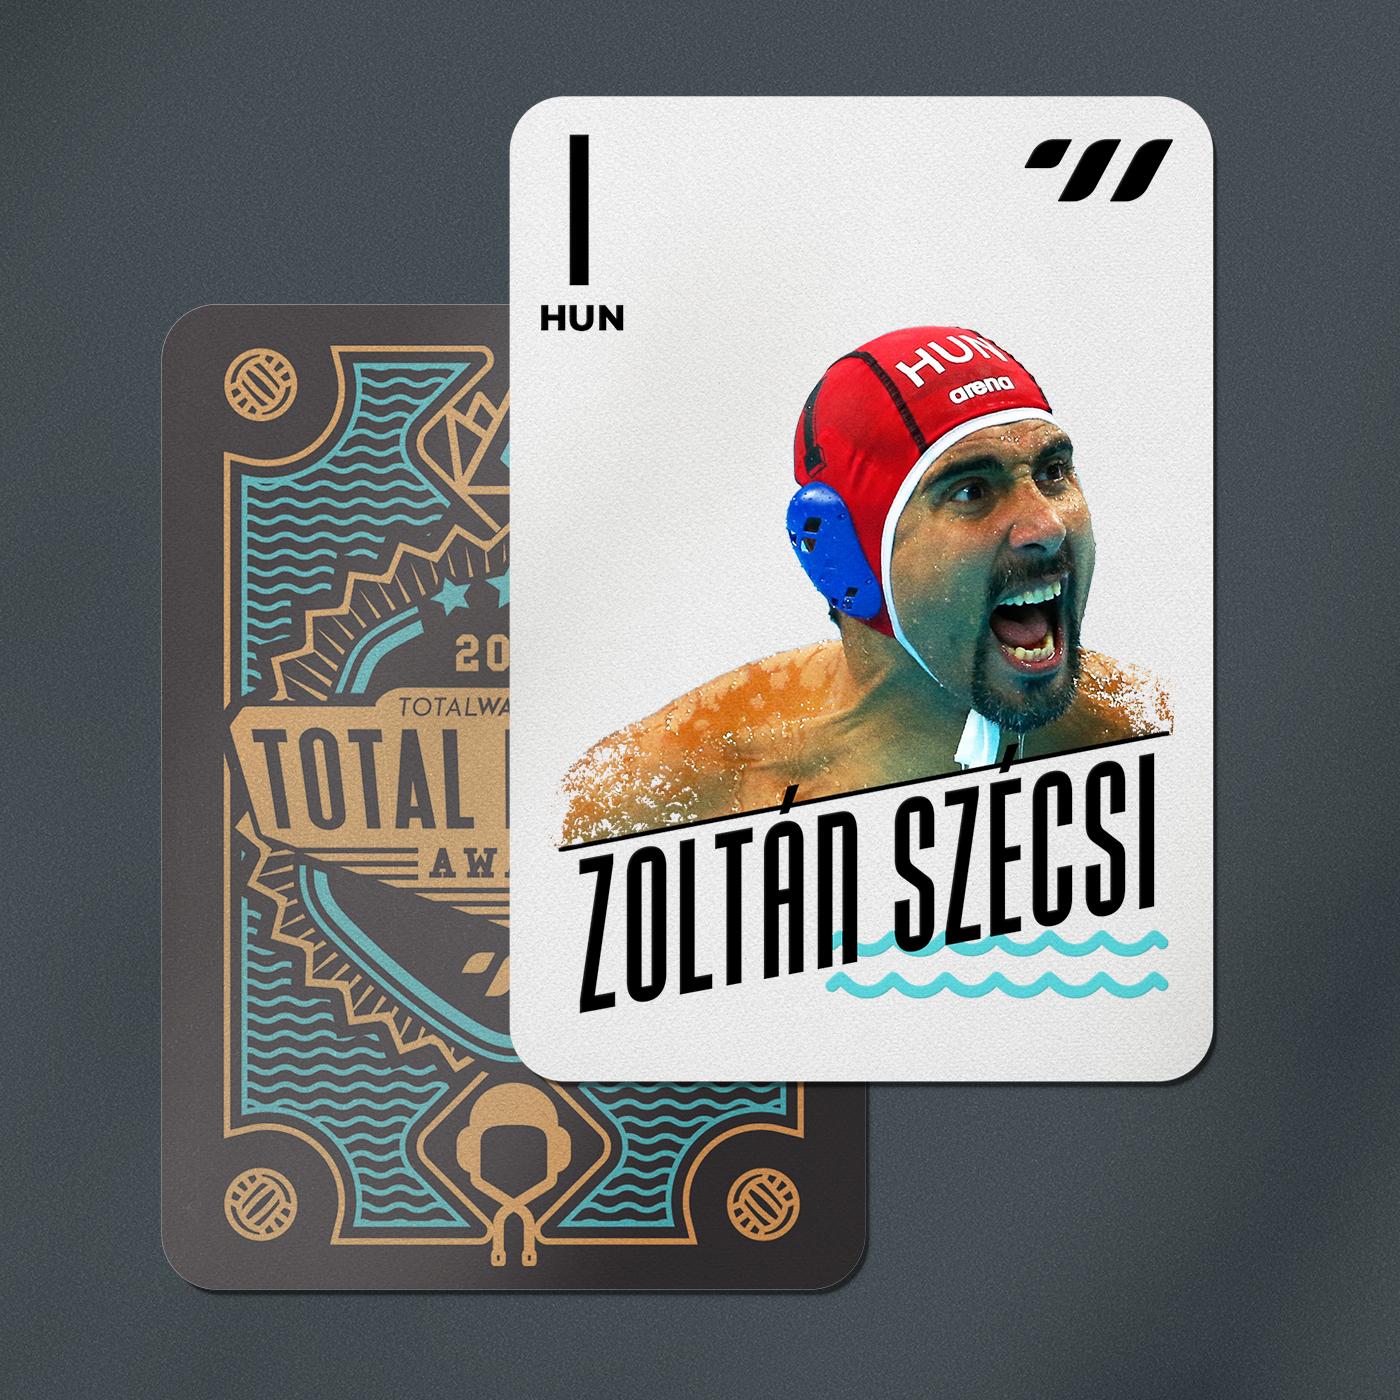 GOALKEEPER - Zoltan Szecsi (HUN)